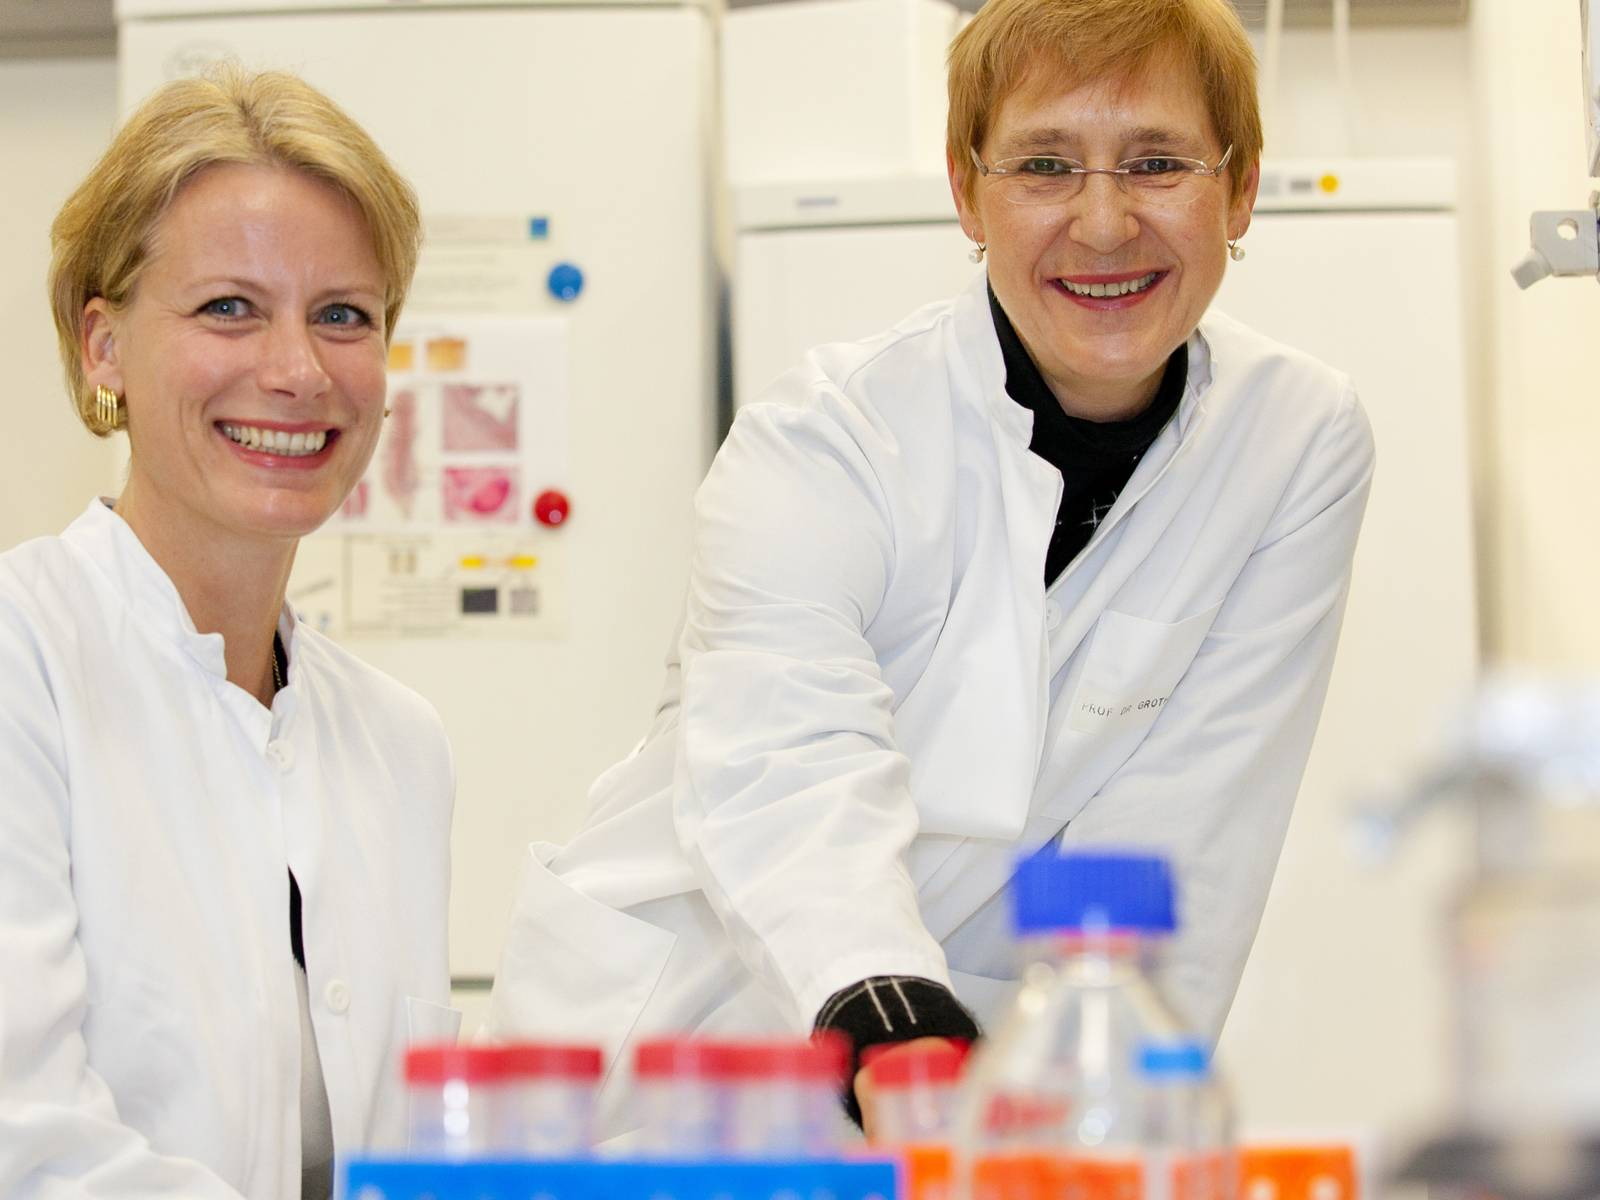 Zwei Frauen in weißen Kitteln